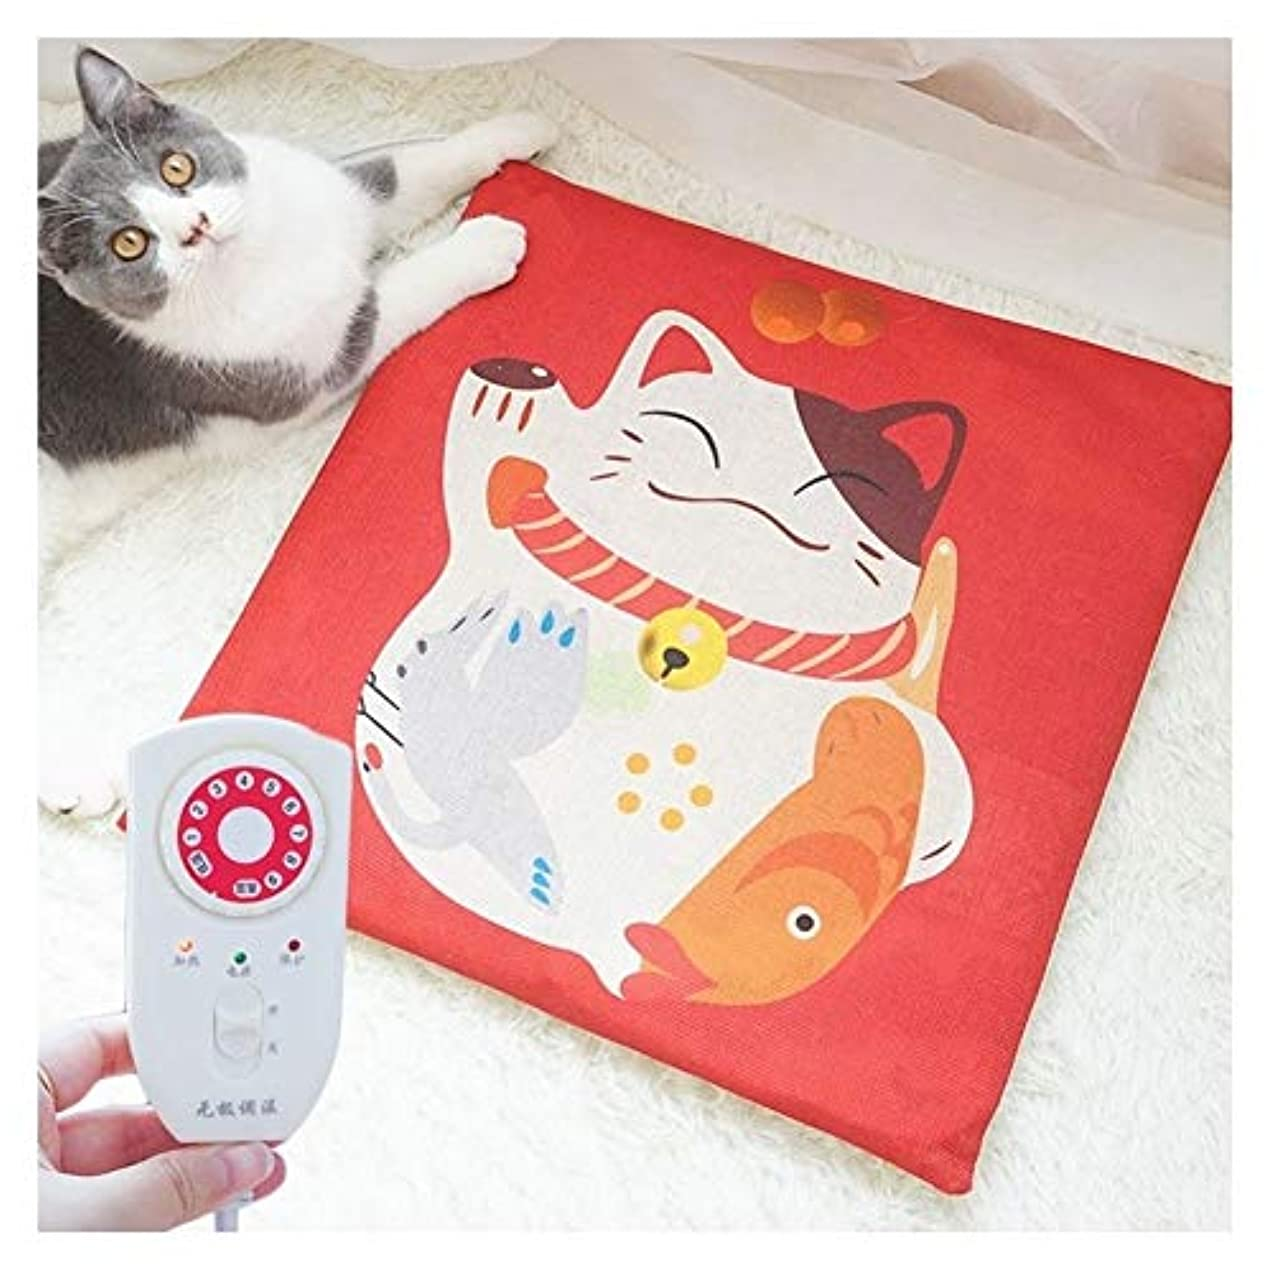 一般的に千爪HZHIYU01 ラッキーキャットペット暖房パッド、防水&取り外し可能な洗えるカバー恒温暖房電気ホット毛布ペット犬/ペット猫、暖房パッド用猫の巣/ケンネル (Color : Lucky Cat)